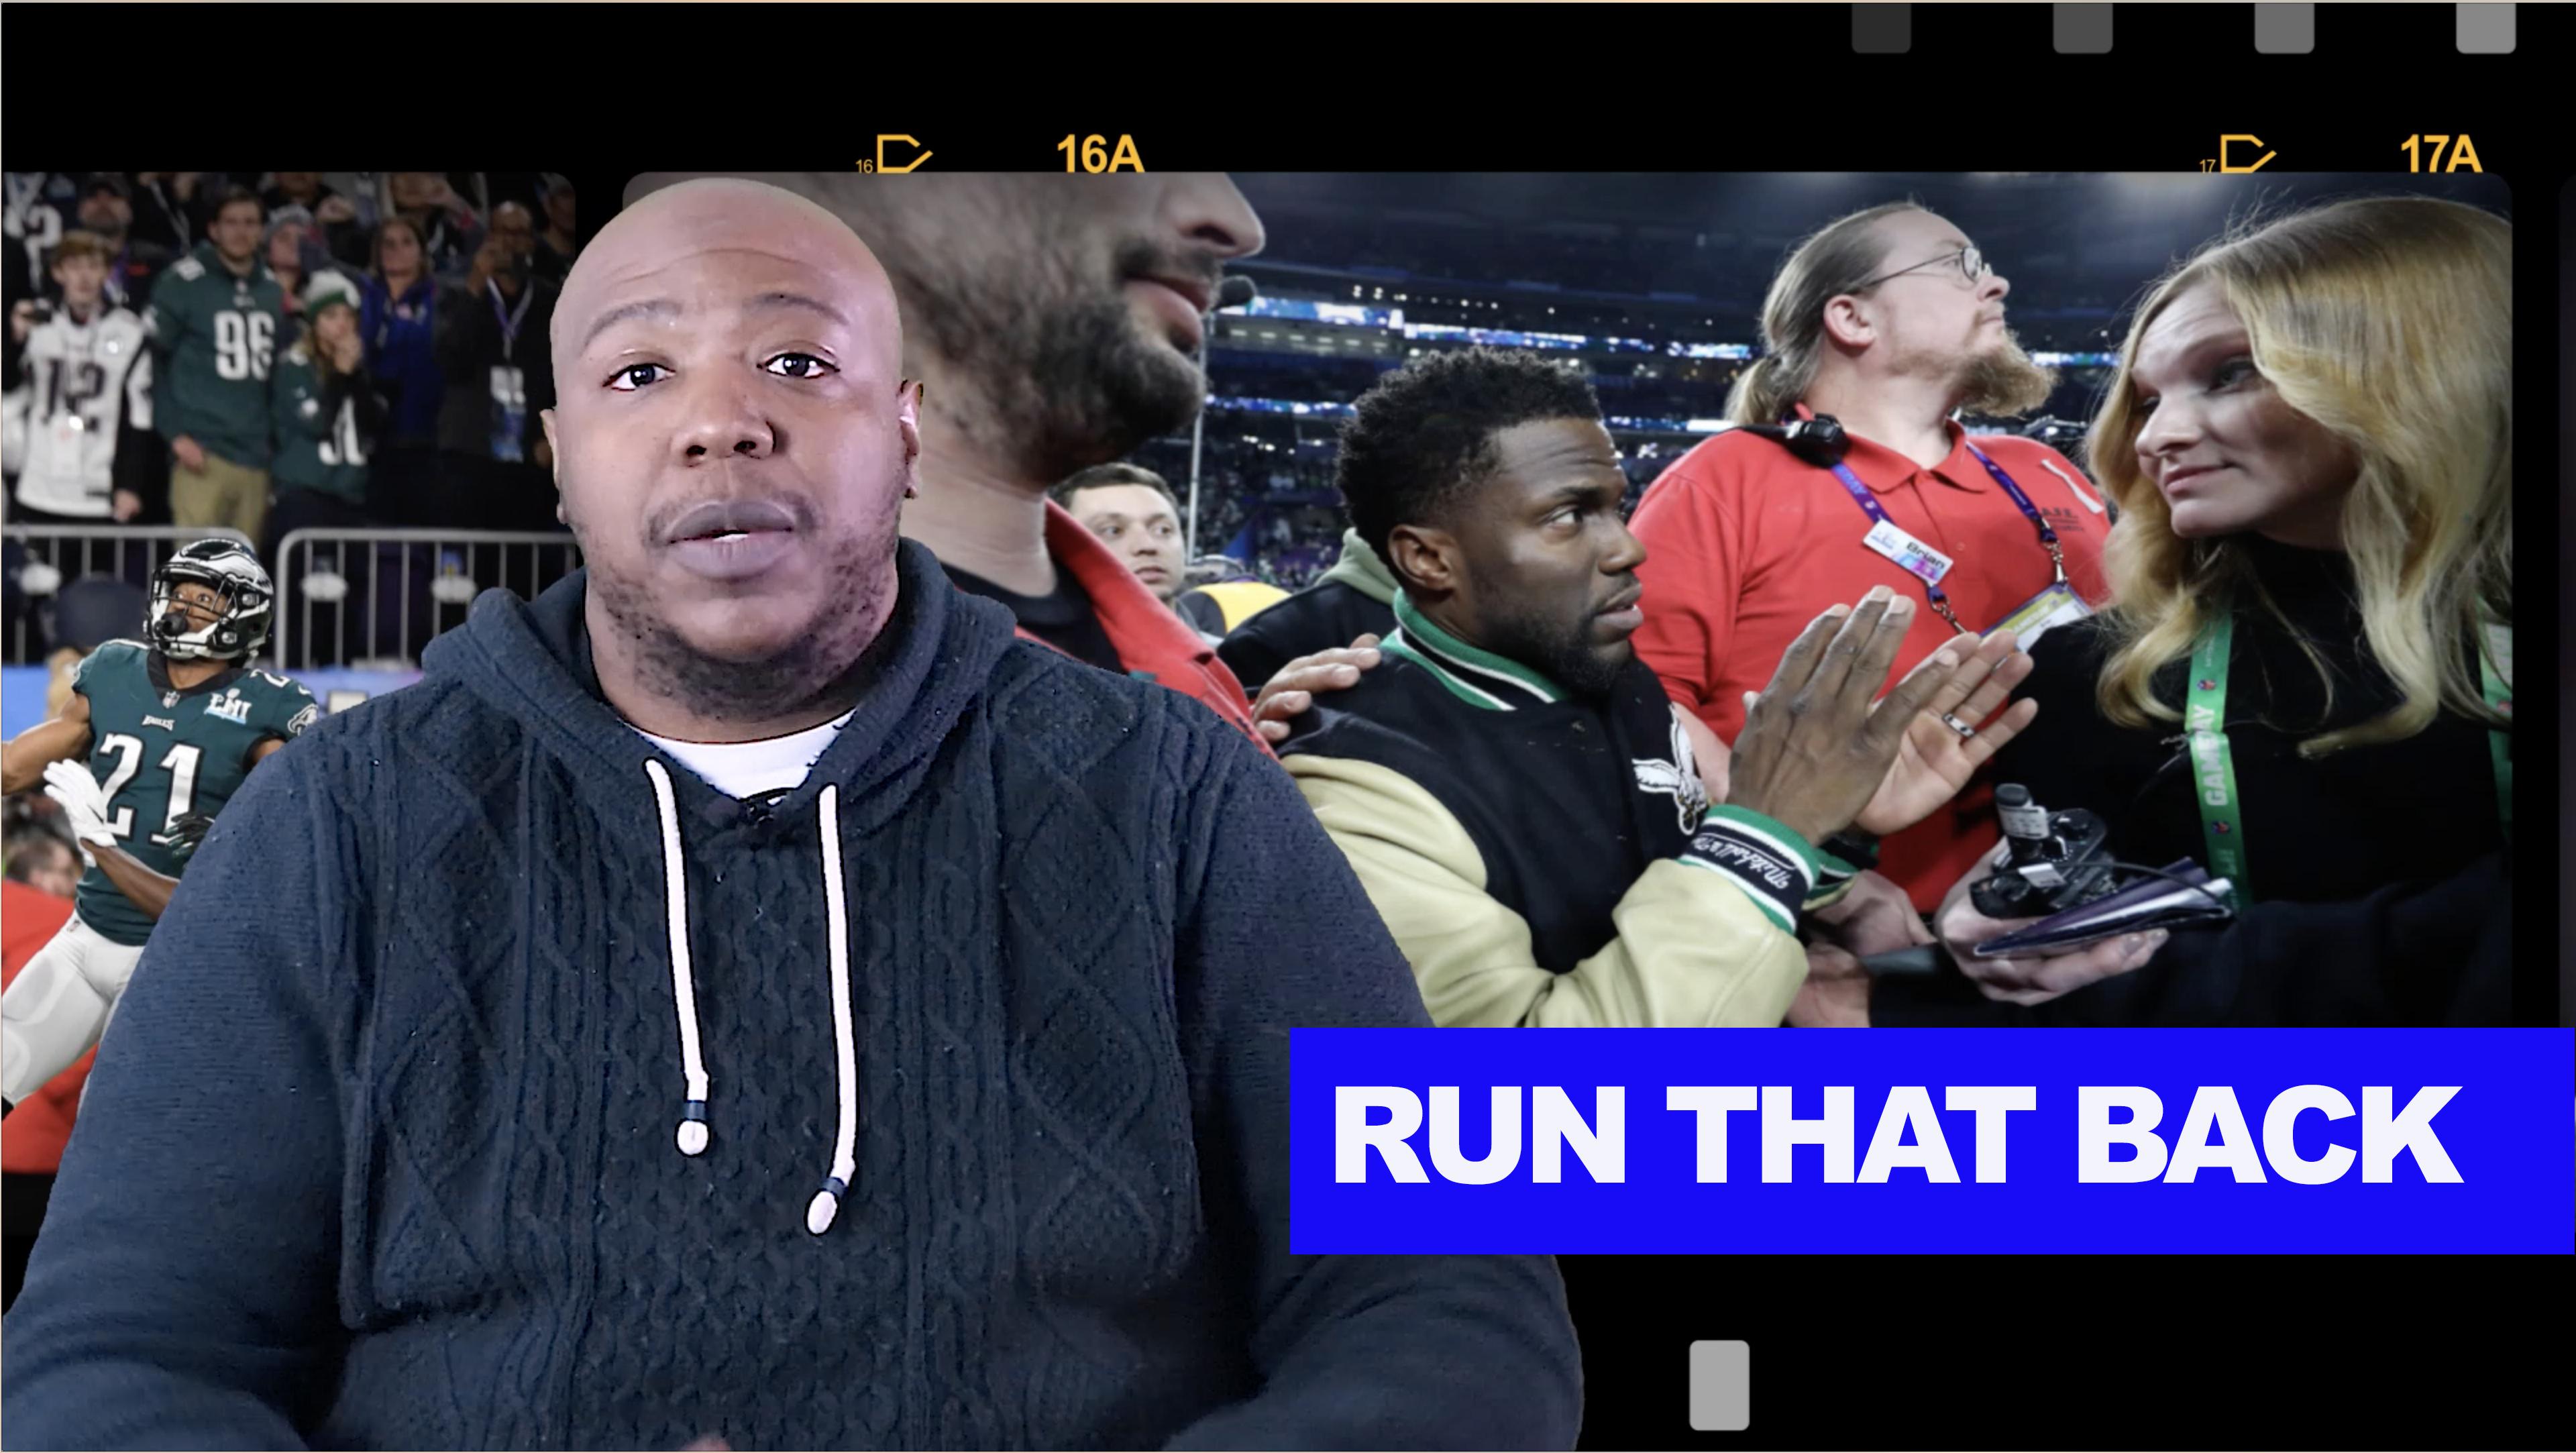 Run That Back: J.R. Bang